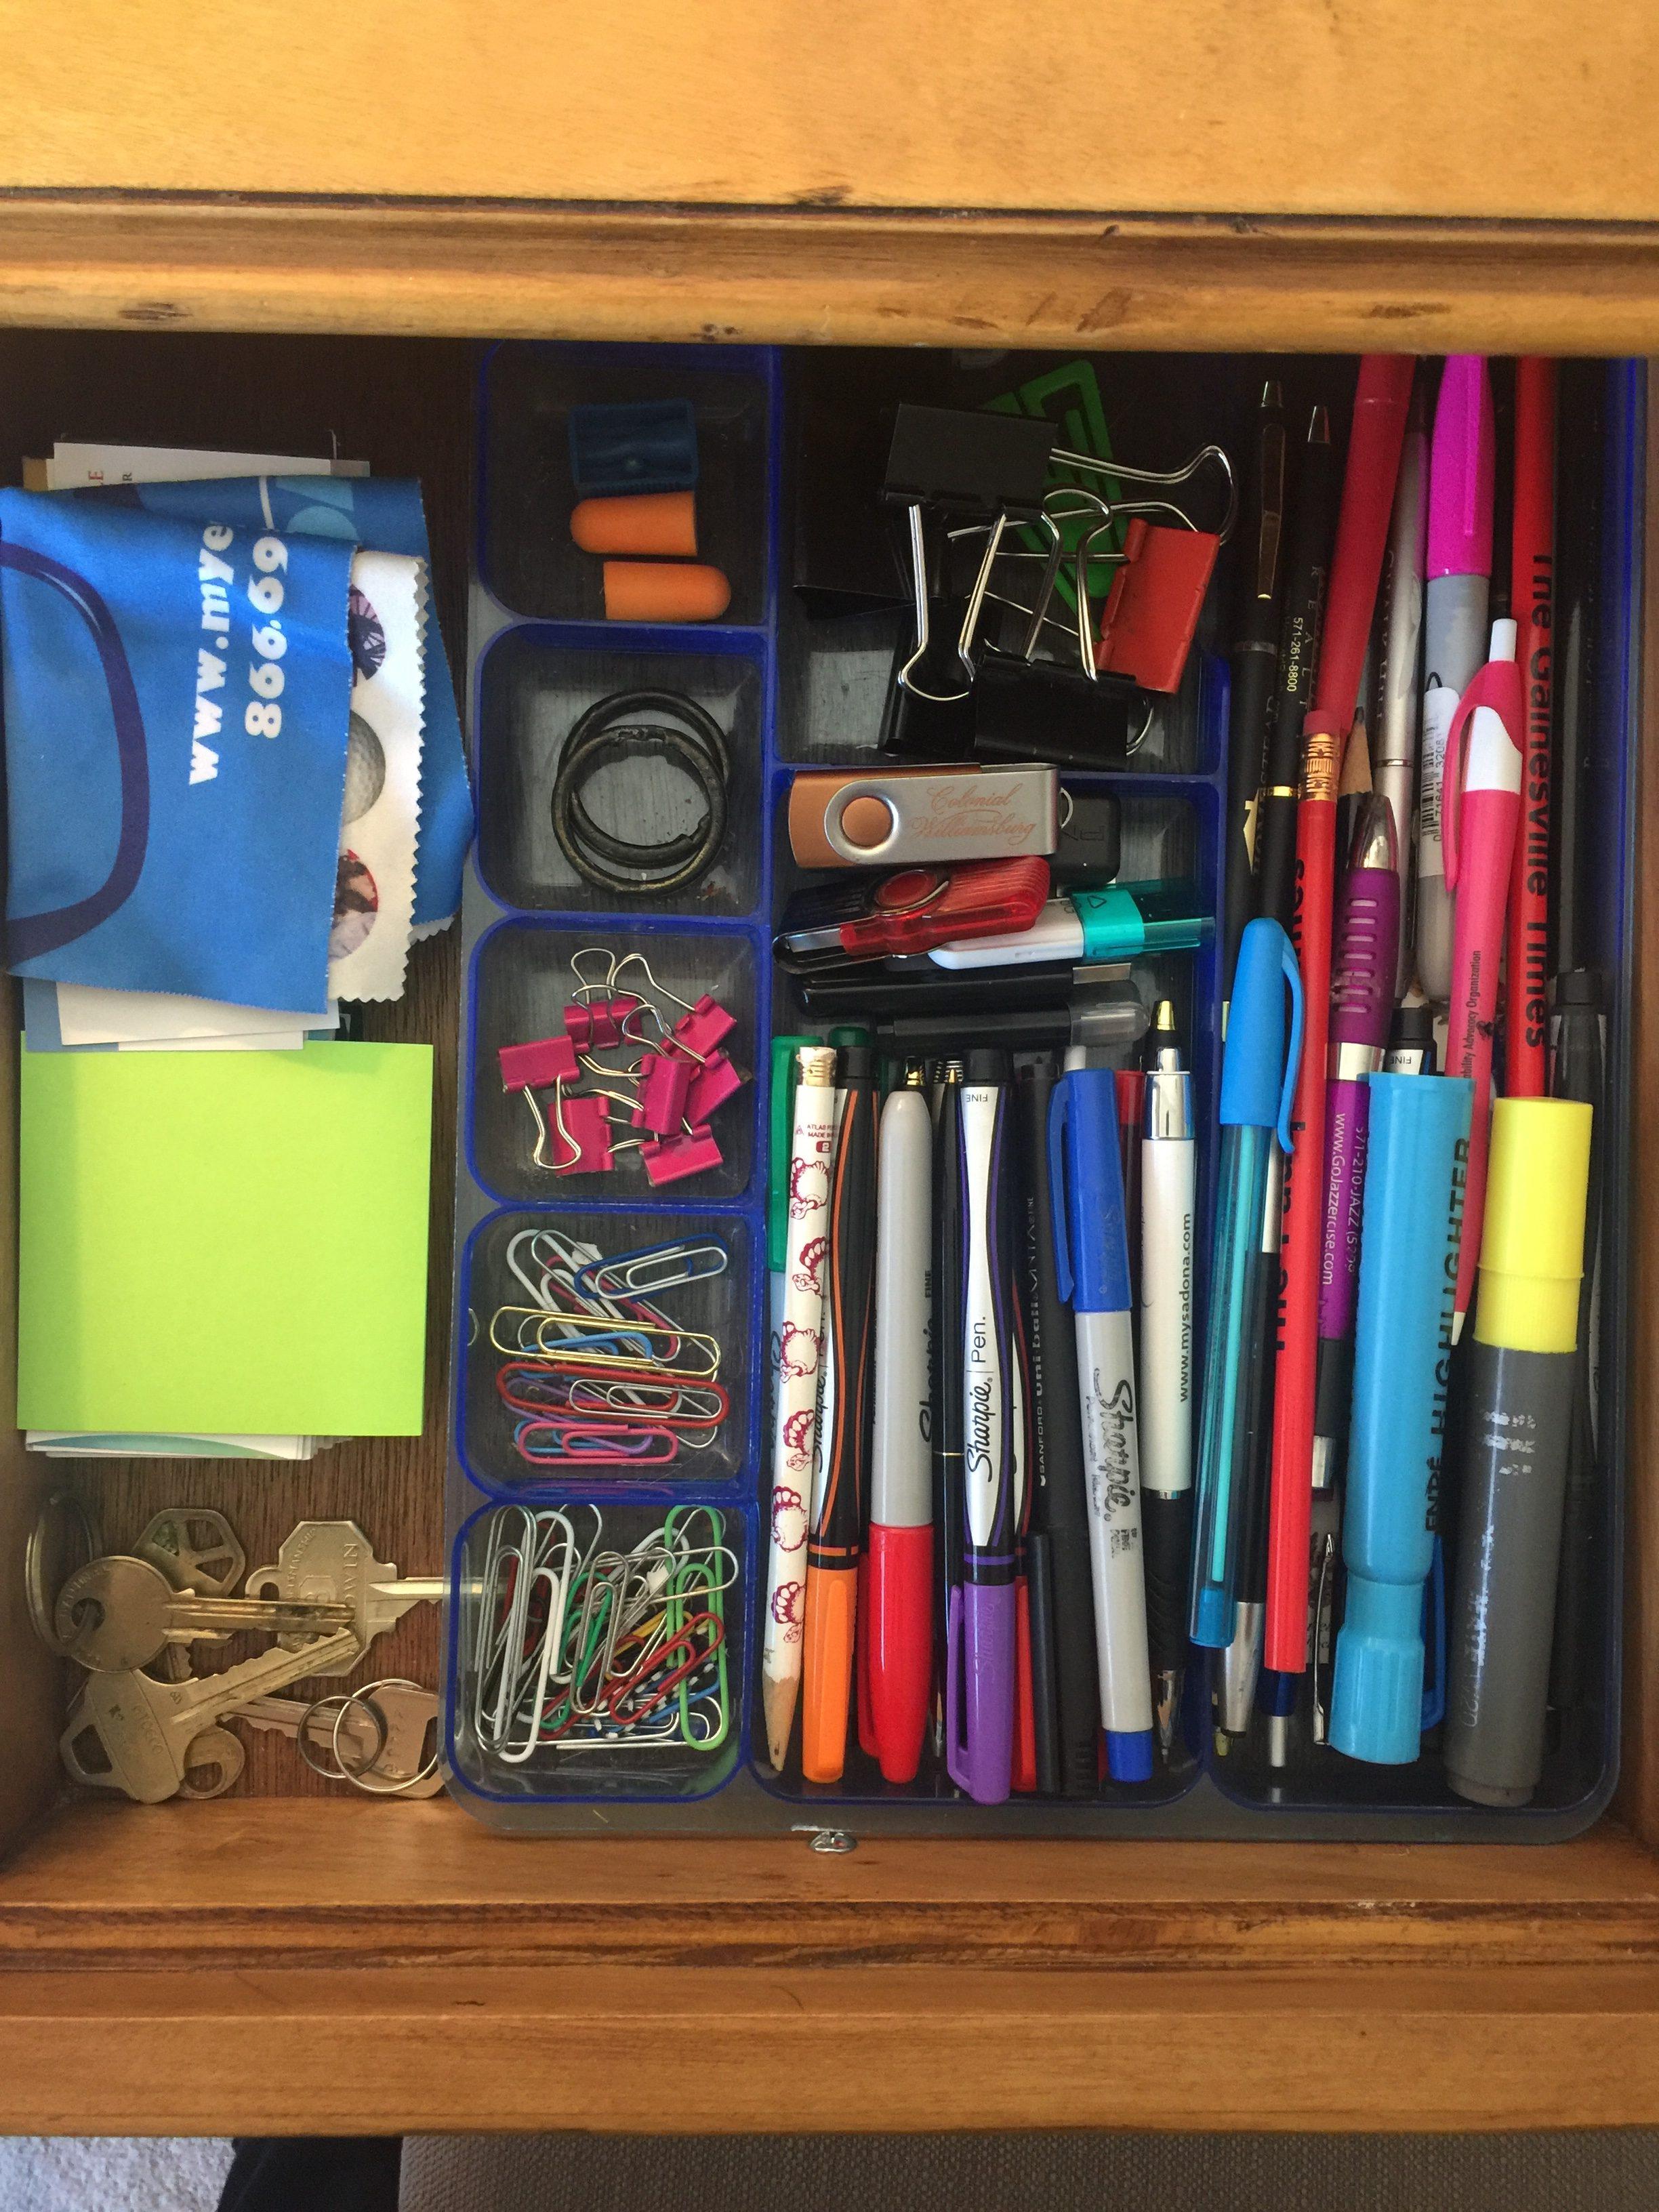 Keys in the desk drawer